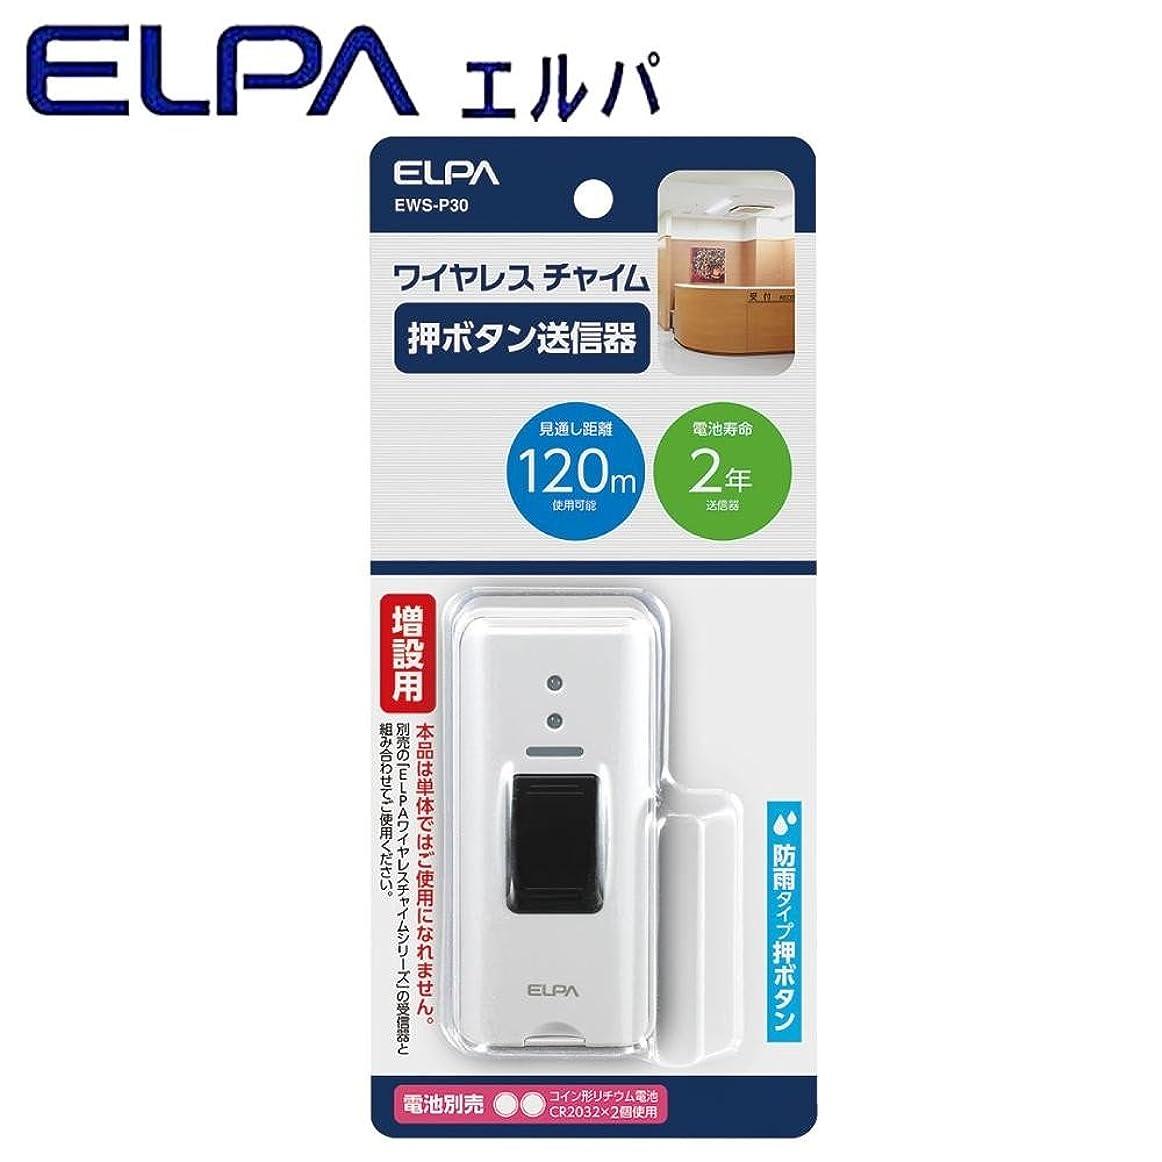 目を覚ますウミウシアサートELPA(エルパ) ワイヤレスチャイム 押ボタン送信器 増設用 EWS-P30